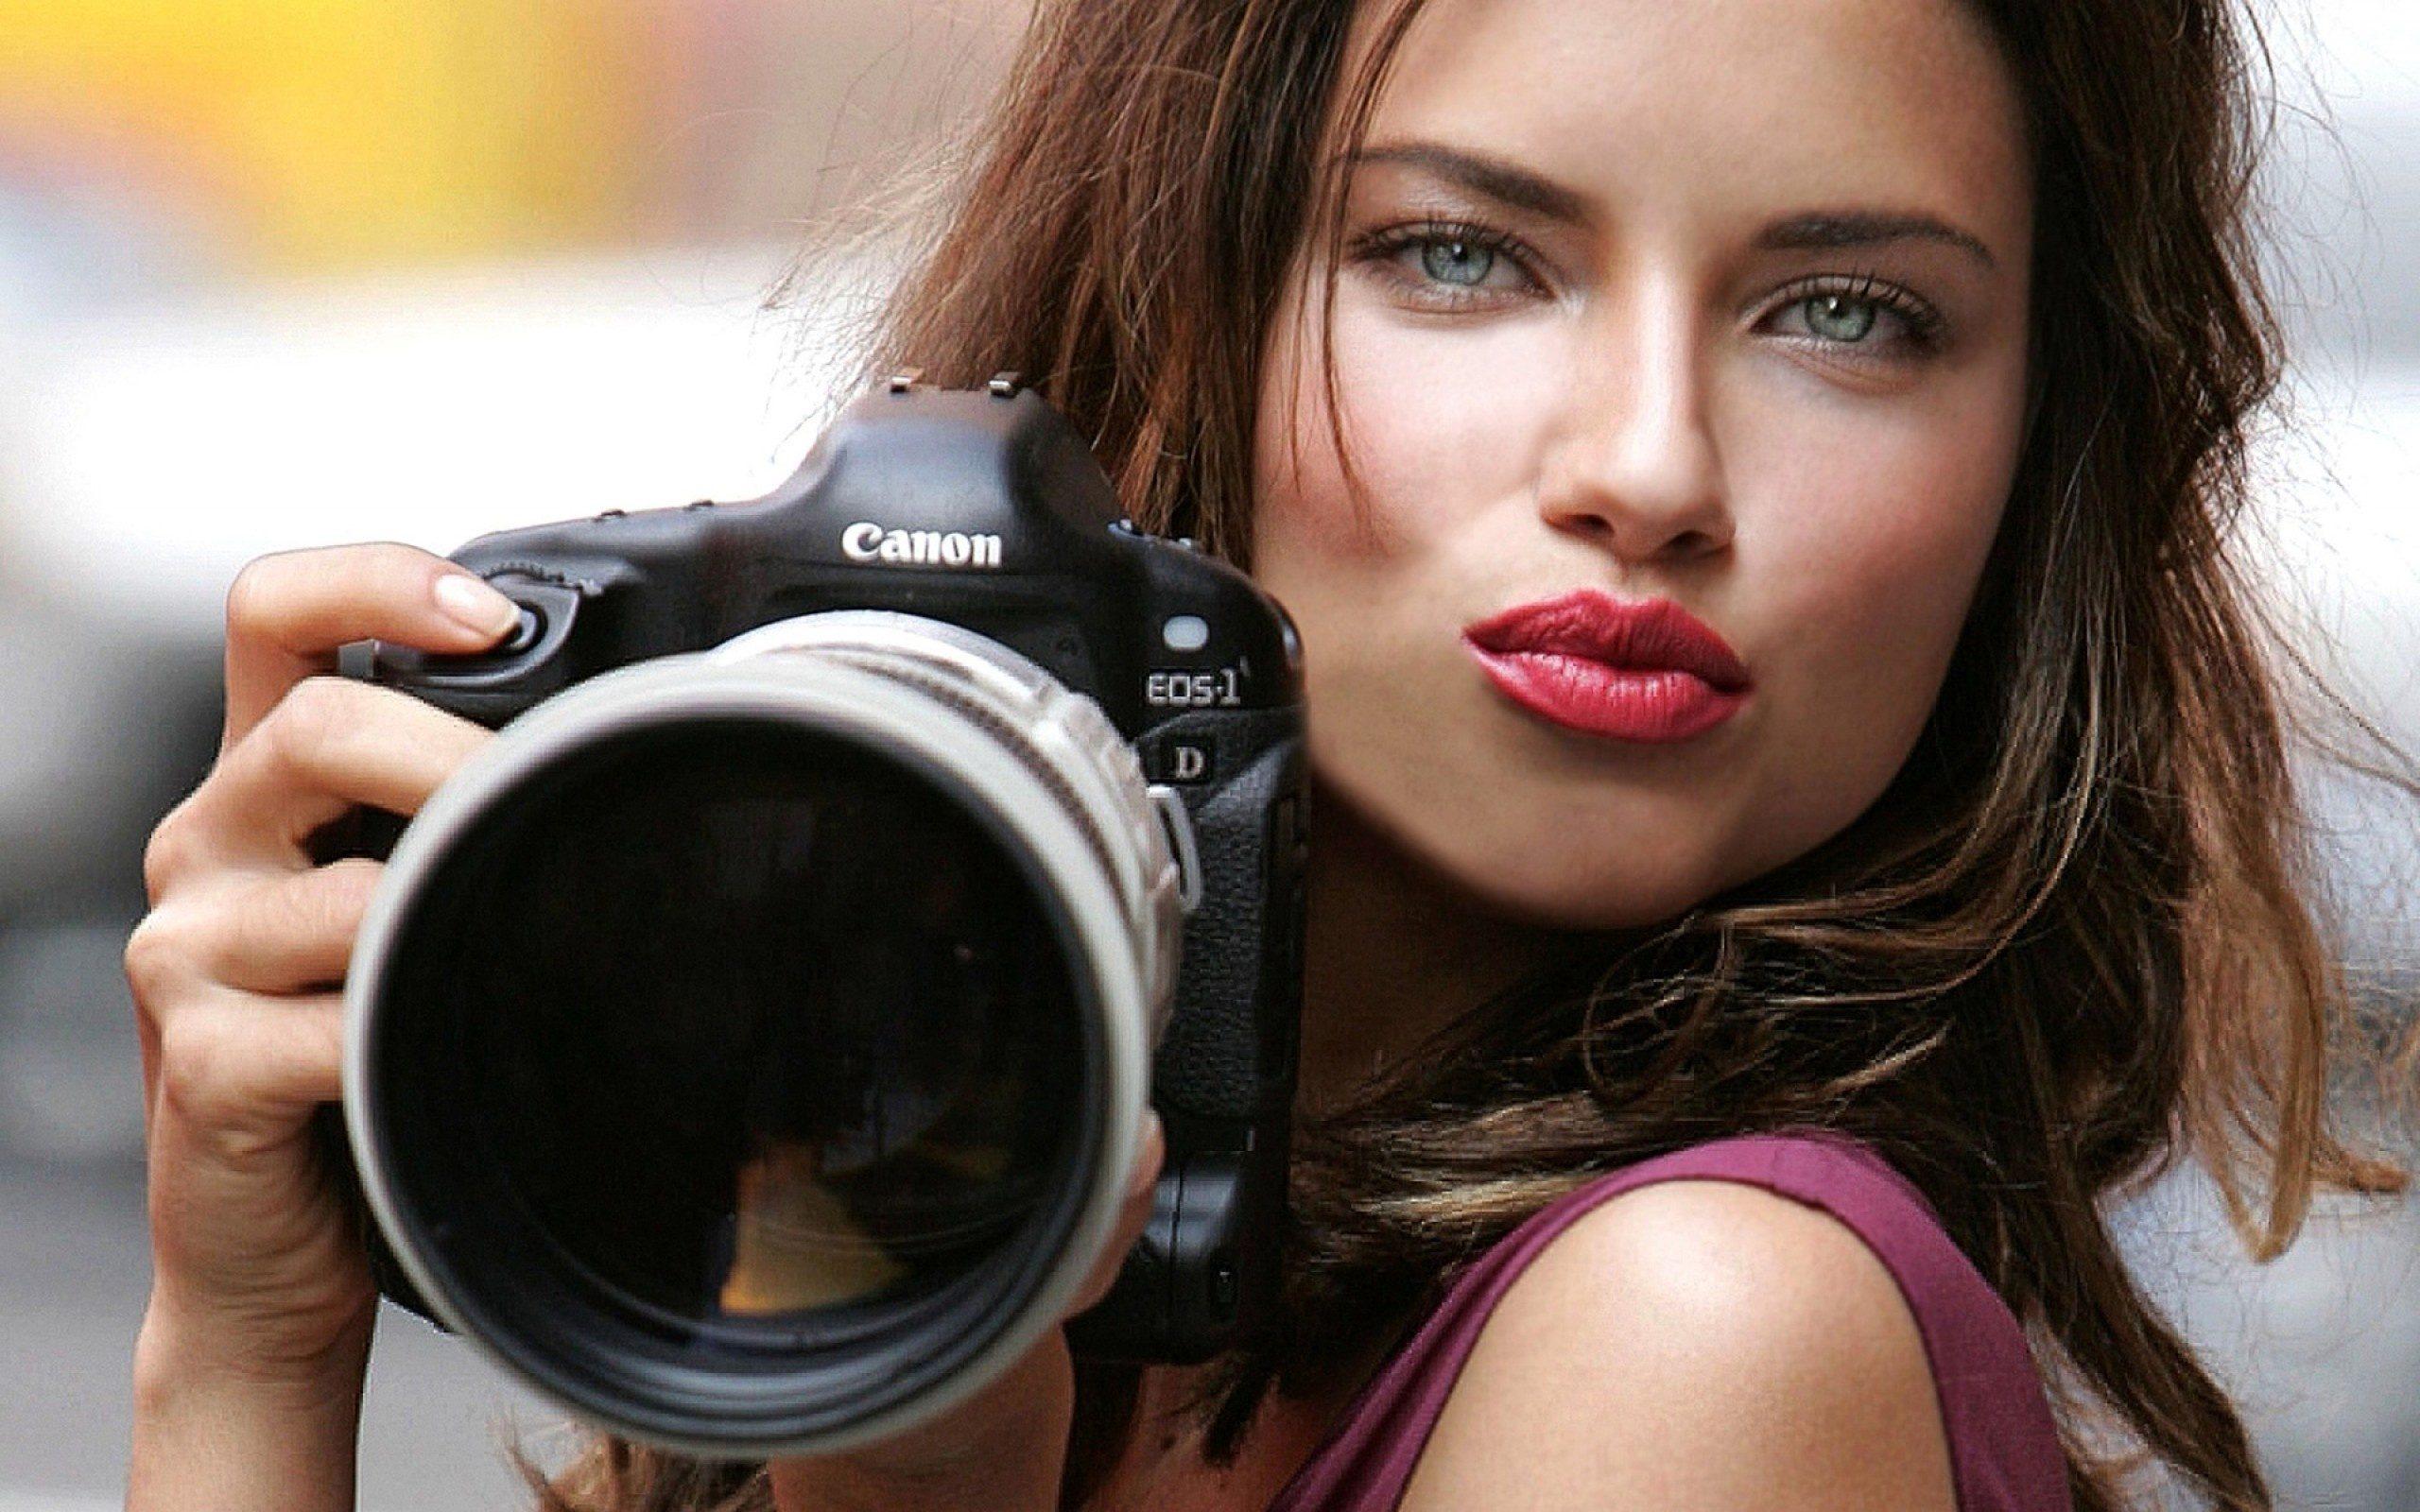 Фото фотоаппарат canon eos девушка adriana lima